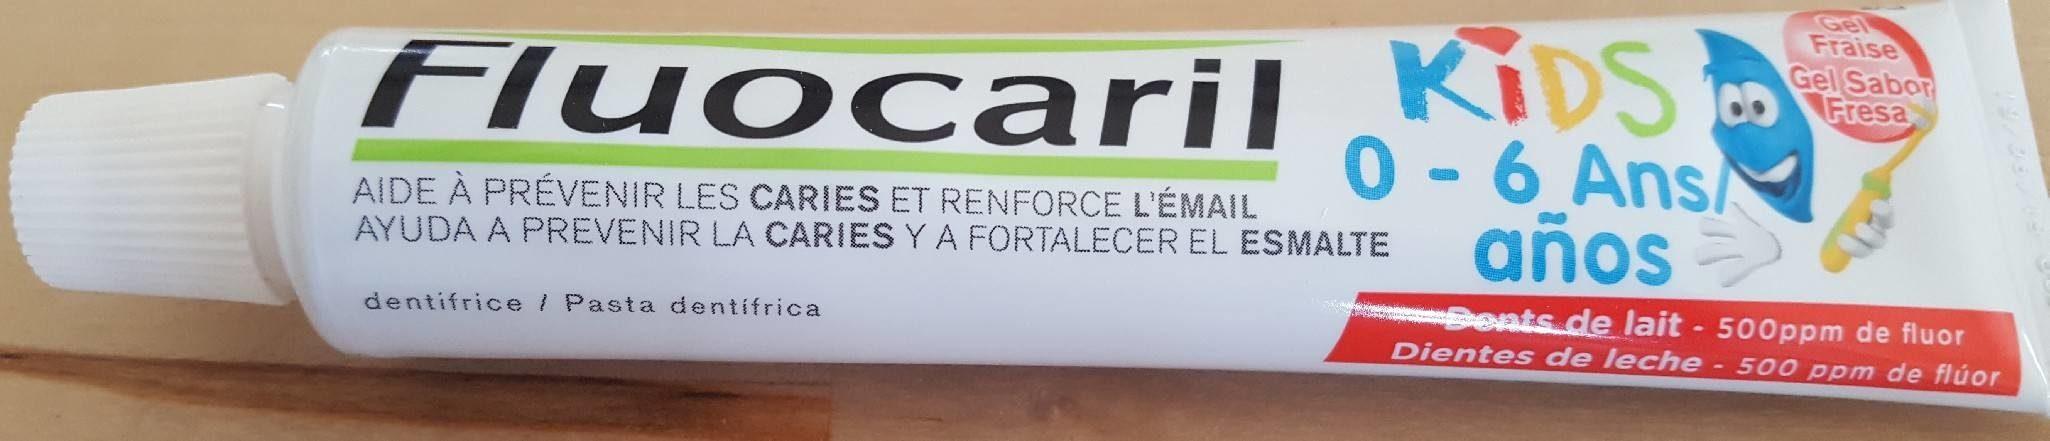 Fluocaril Kids 0 / 6 Ans Gel Fraise 50ML - Product - fr